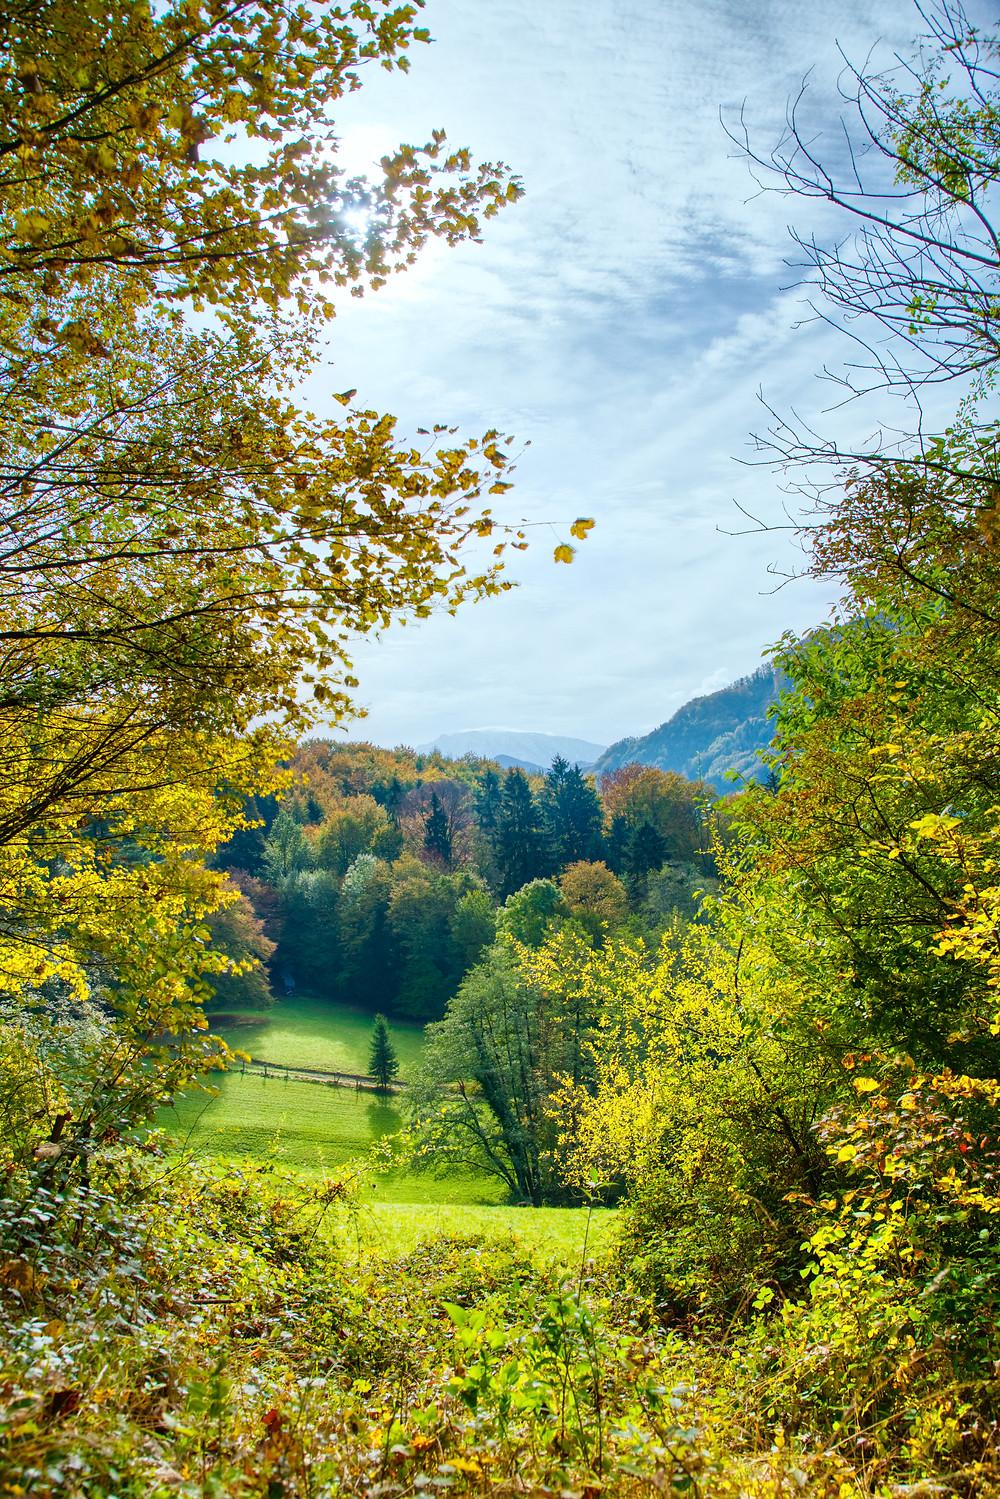 Herbst, Niederösterreich, Mostviertel, Wandern, Wanderung, Laub, Herbstlaub, Wald, Herbstwald